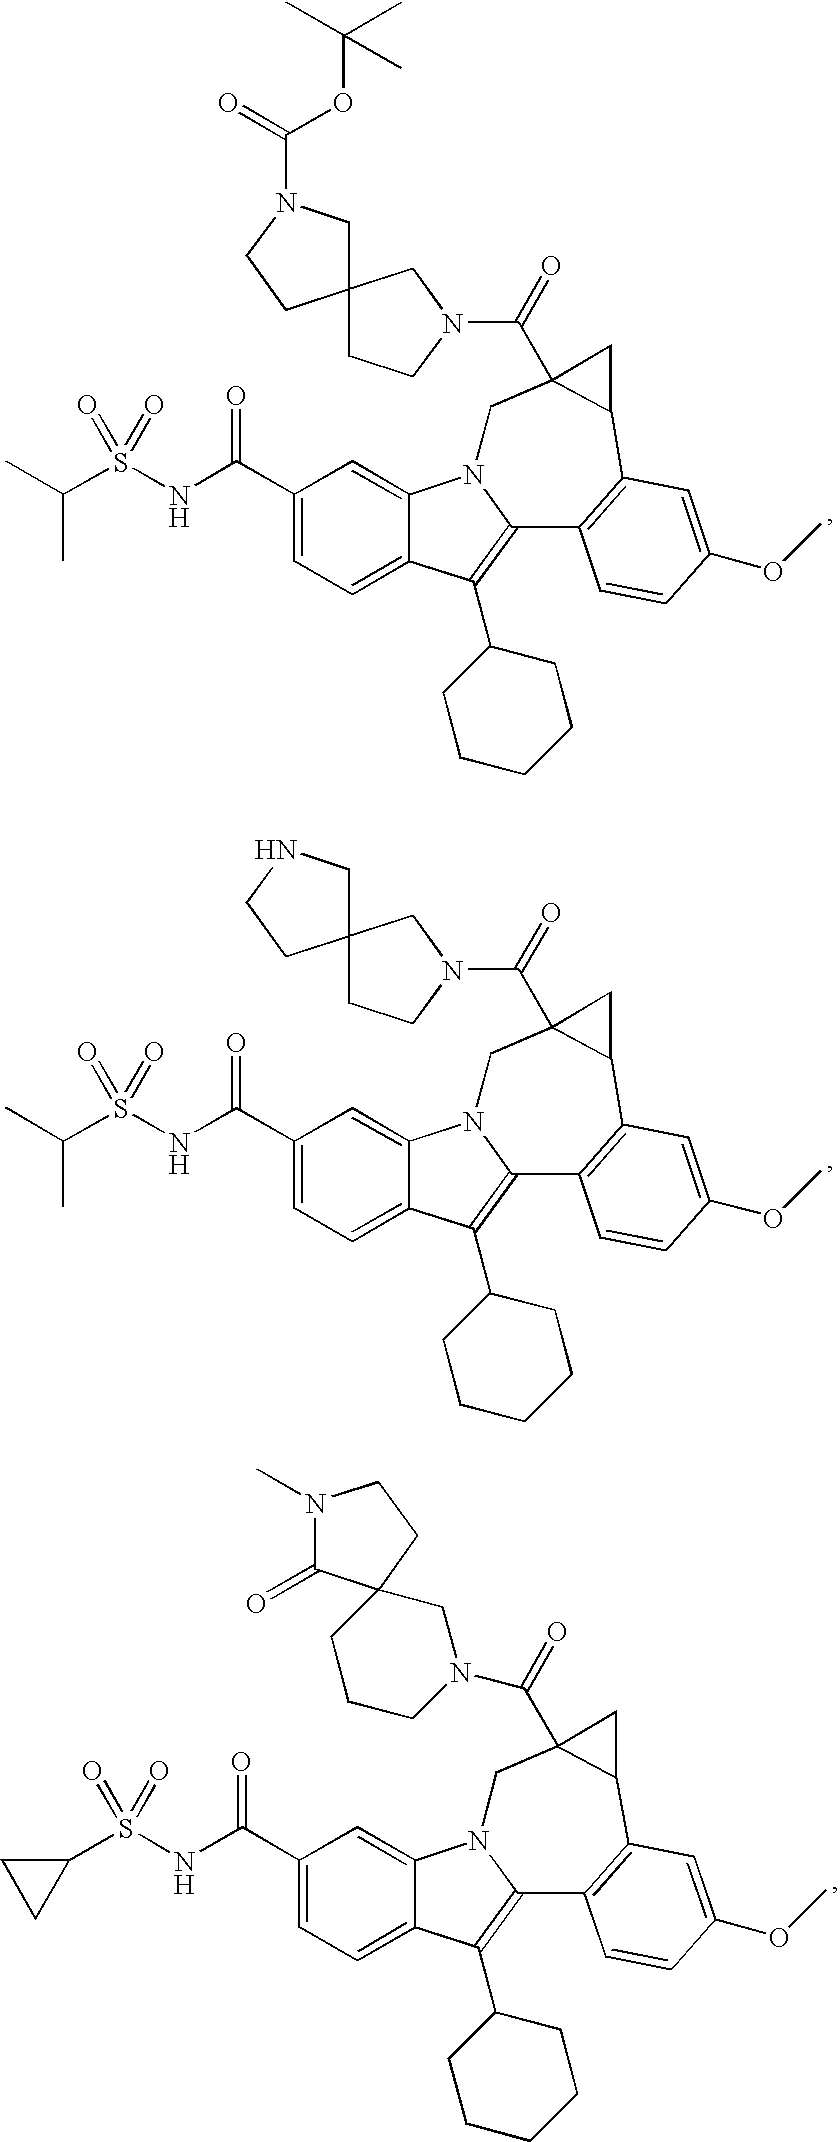 Figure US08124601-20120228-C00135